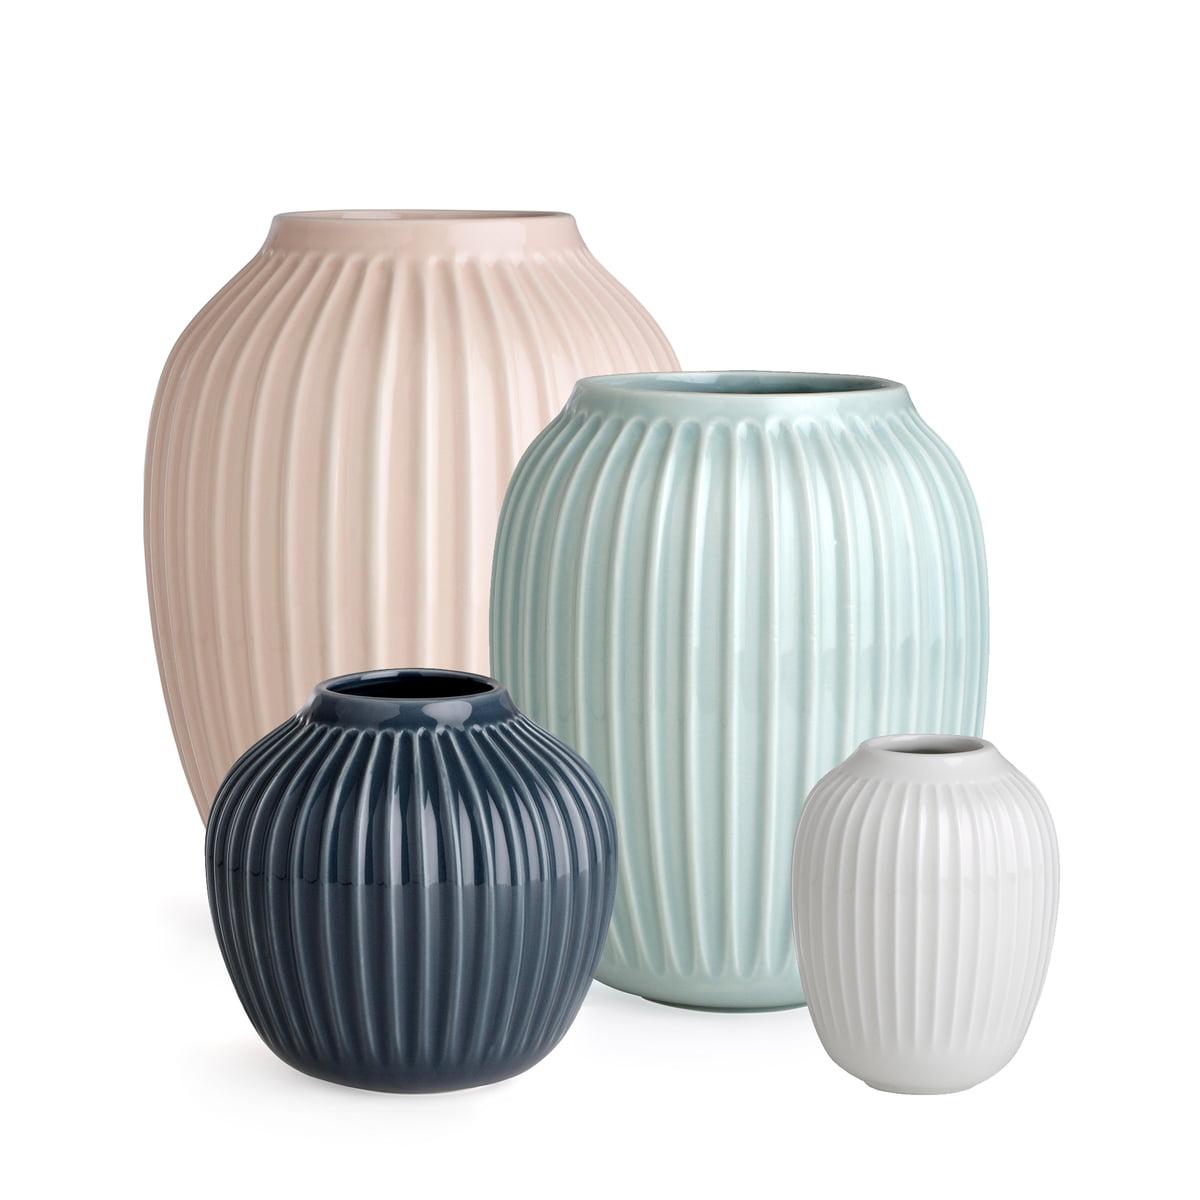 rillen vase hammersoi k hler connox. Black Bedroom Furniture Sets. Home Design Ideas